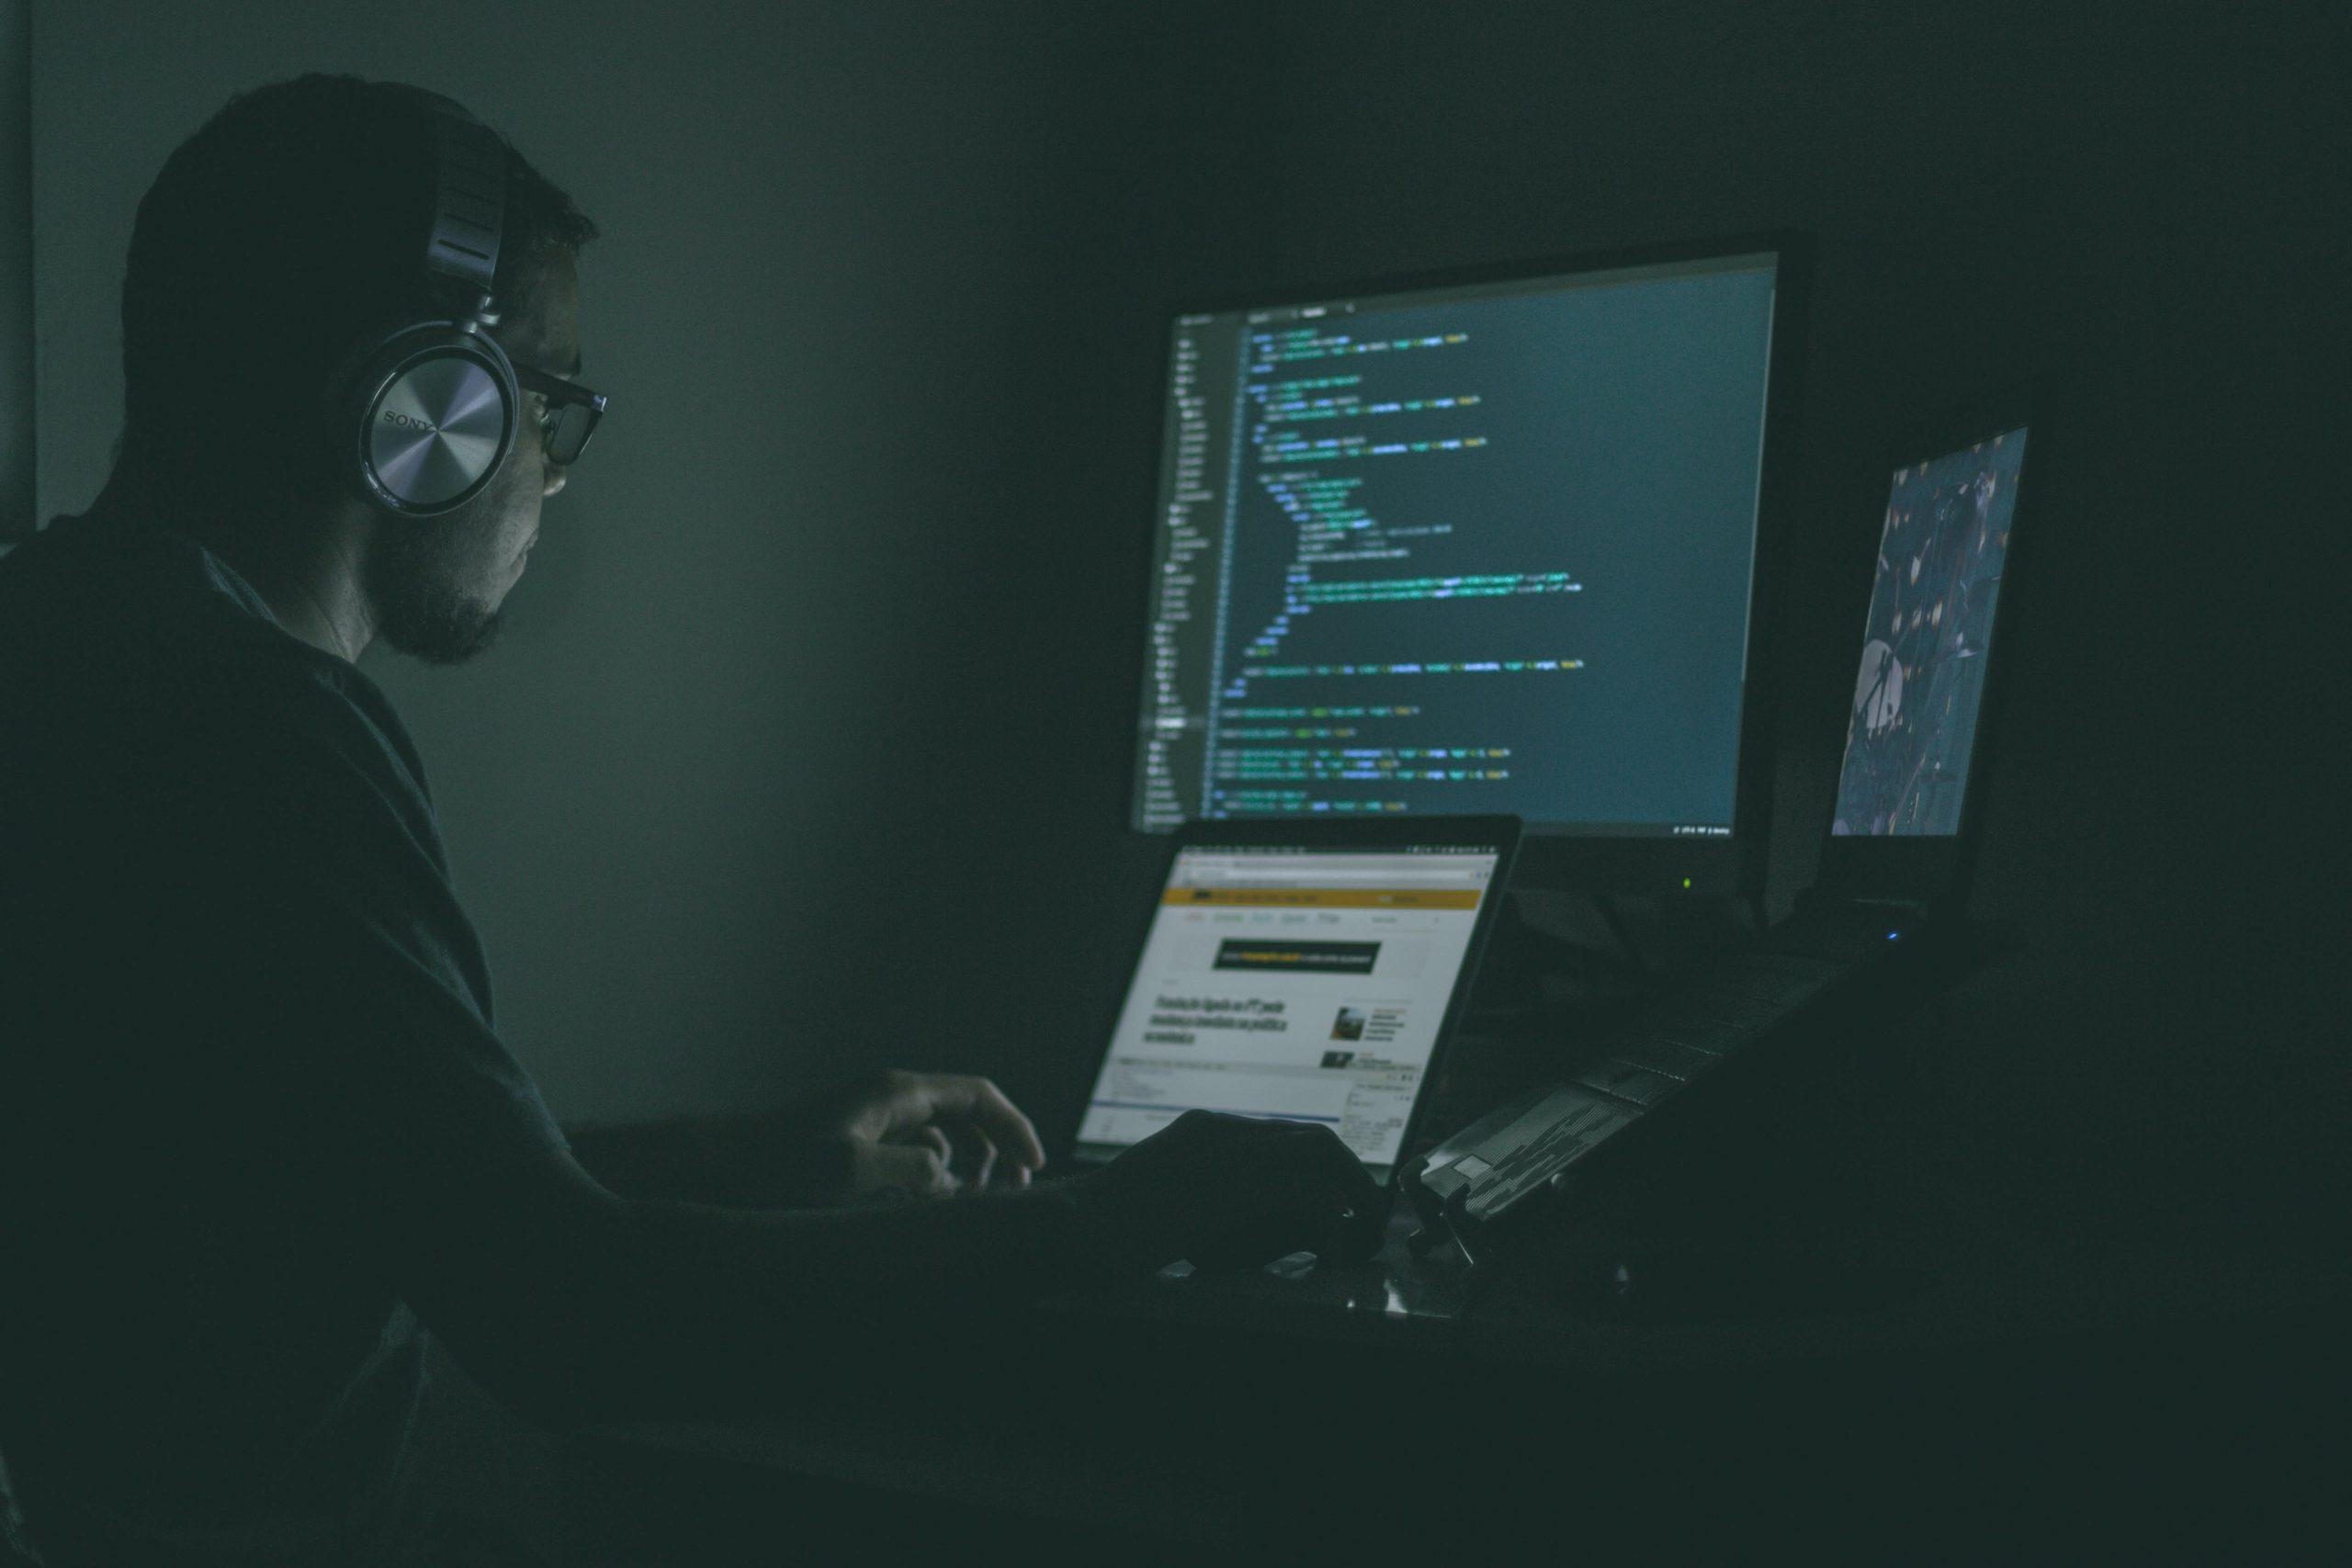 Projeto de lei prevê penas mais duras para crimes virtuais.